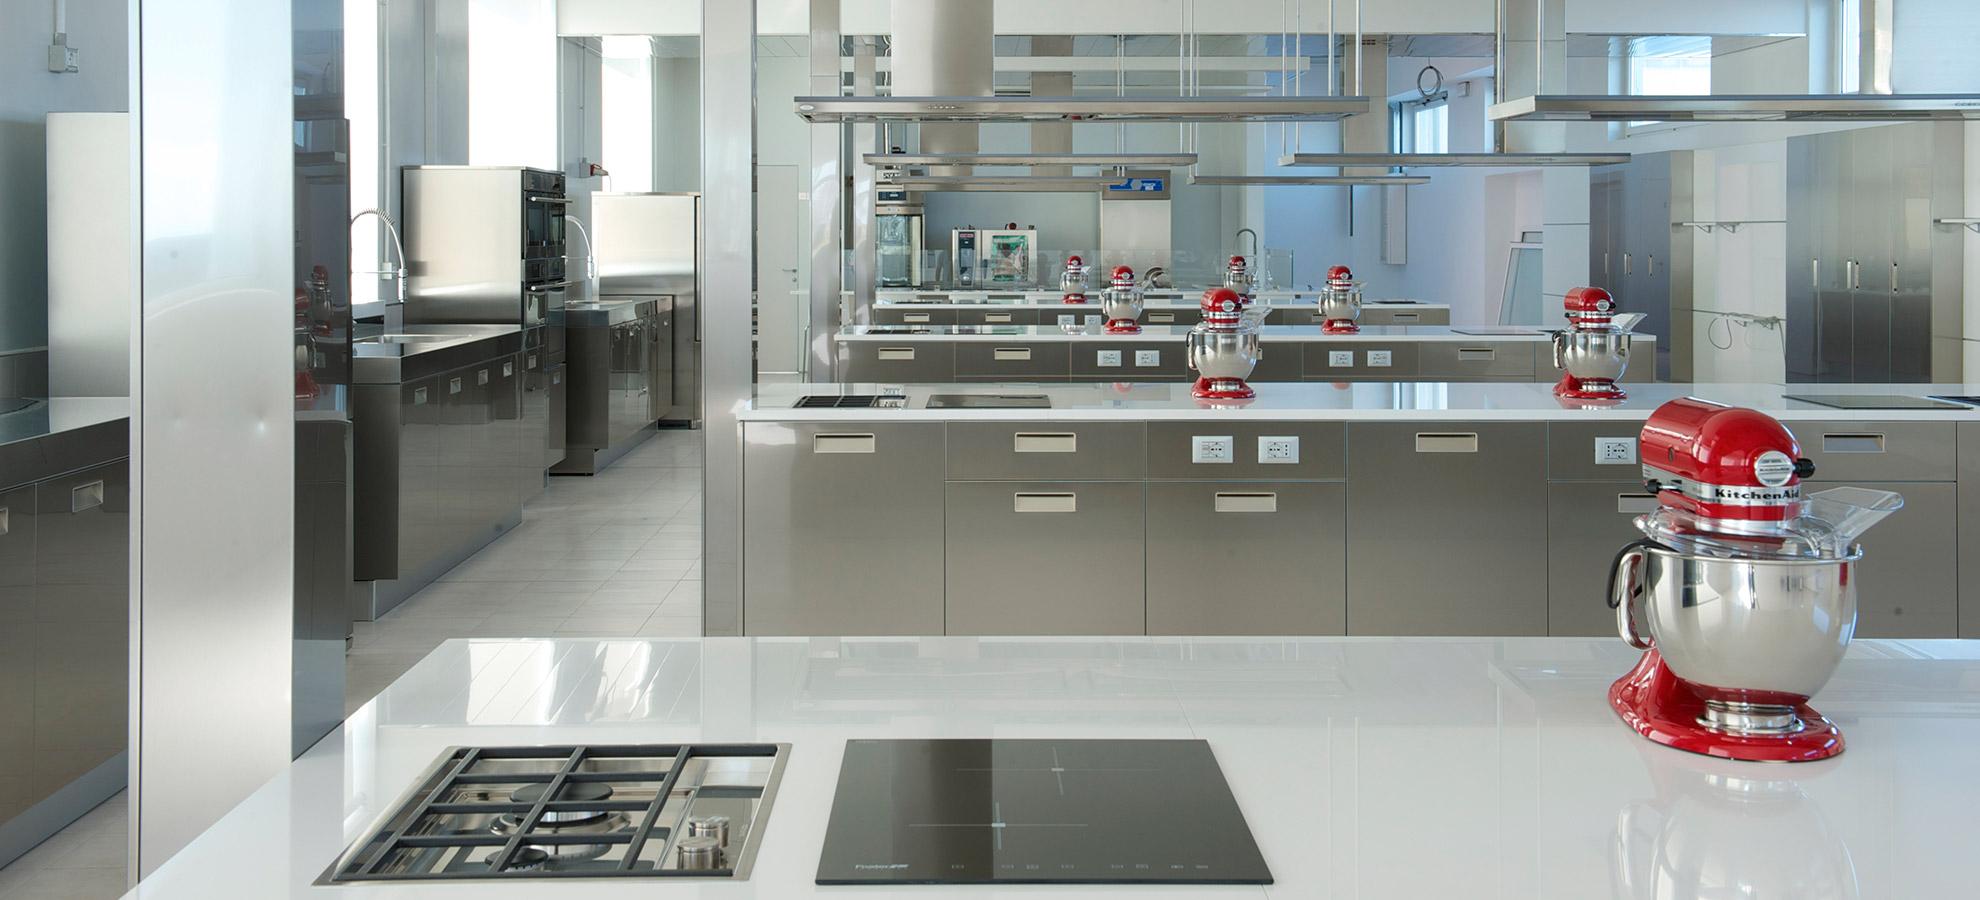 Corso professionale per pasticcere red academy - Corso di cucina potenza ...